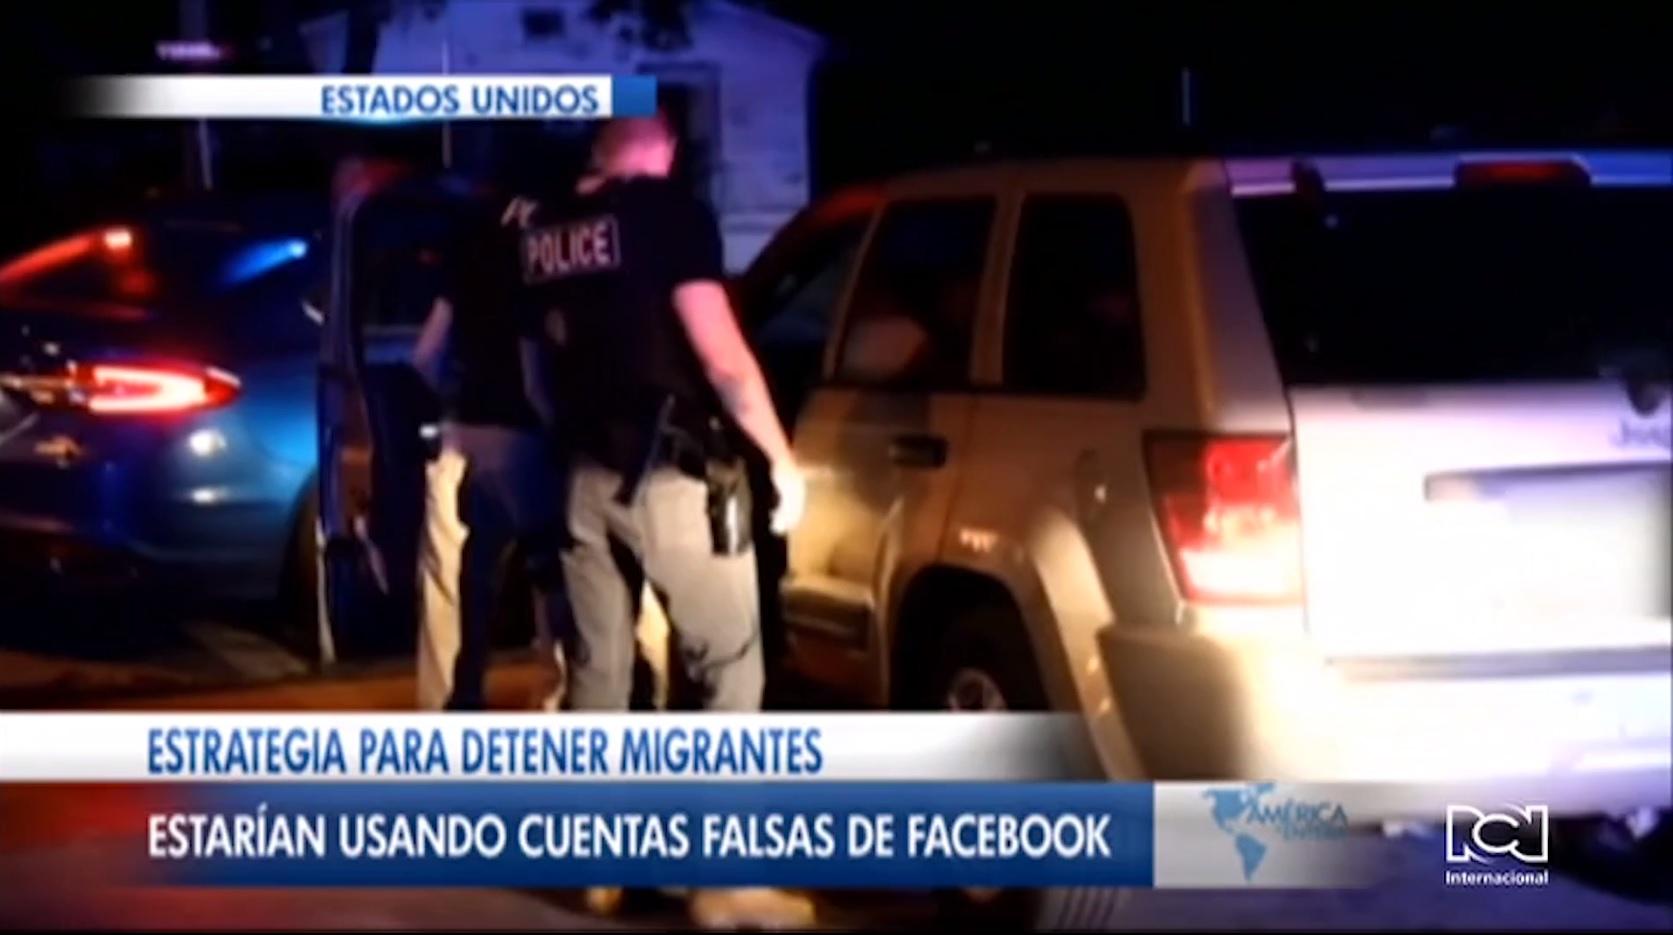 Agentes de ICE estarían usando cuentas falsas en redes sociales para rastrear indocumentados